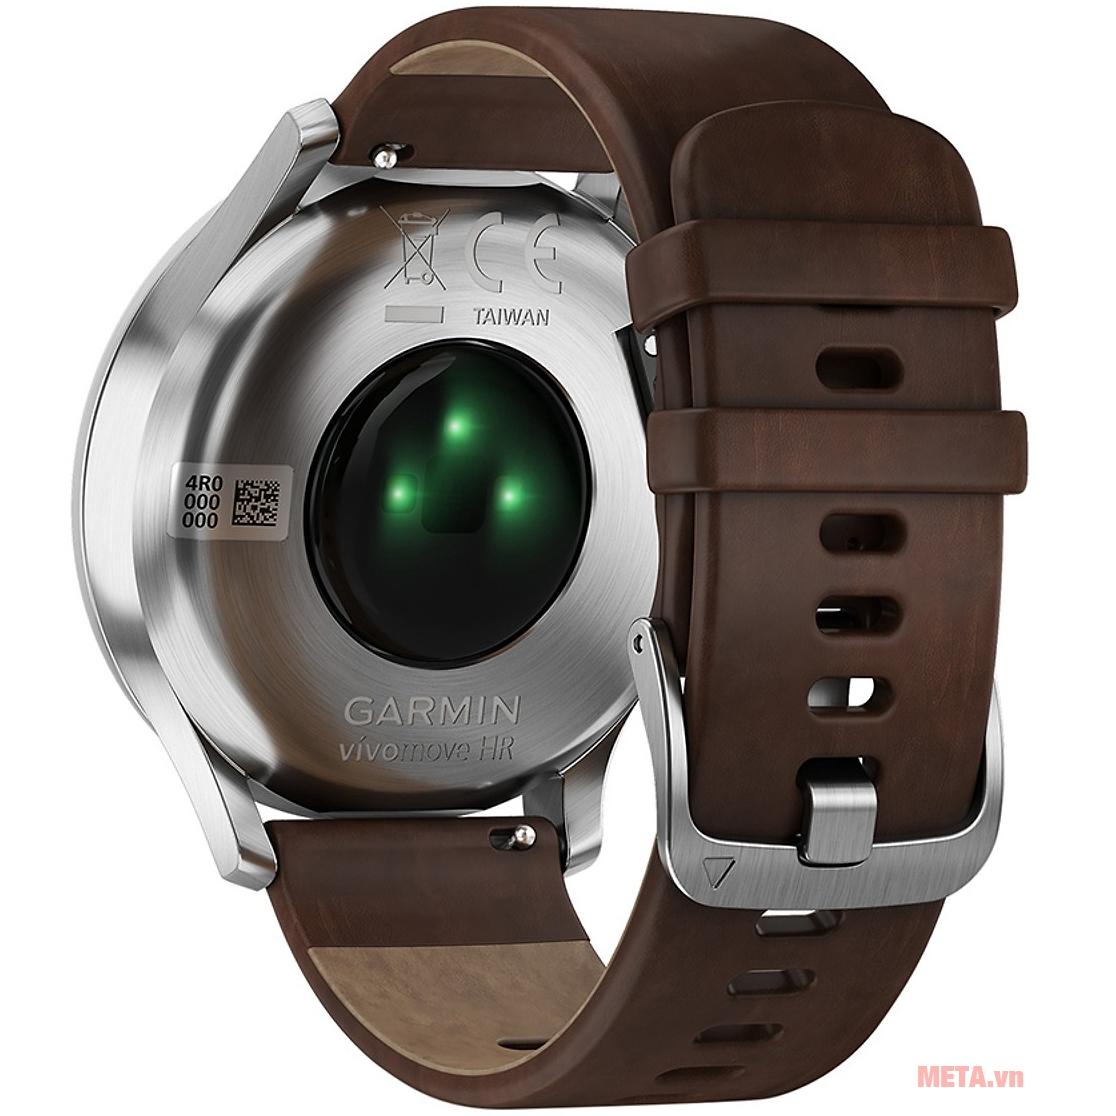 Đồng hồ Garmin vivomove HR (Premium edition) có khả năng đo nhịp tim